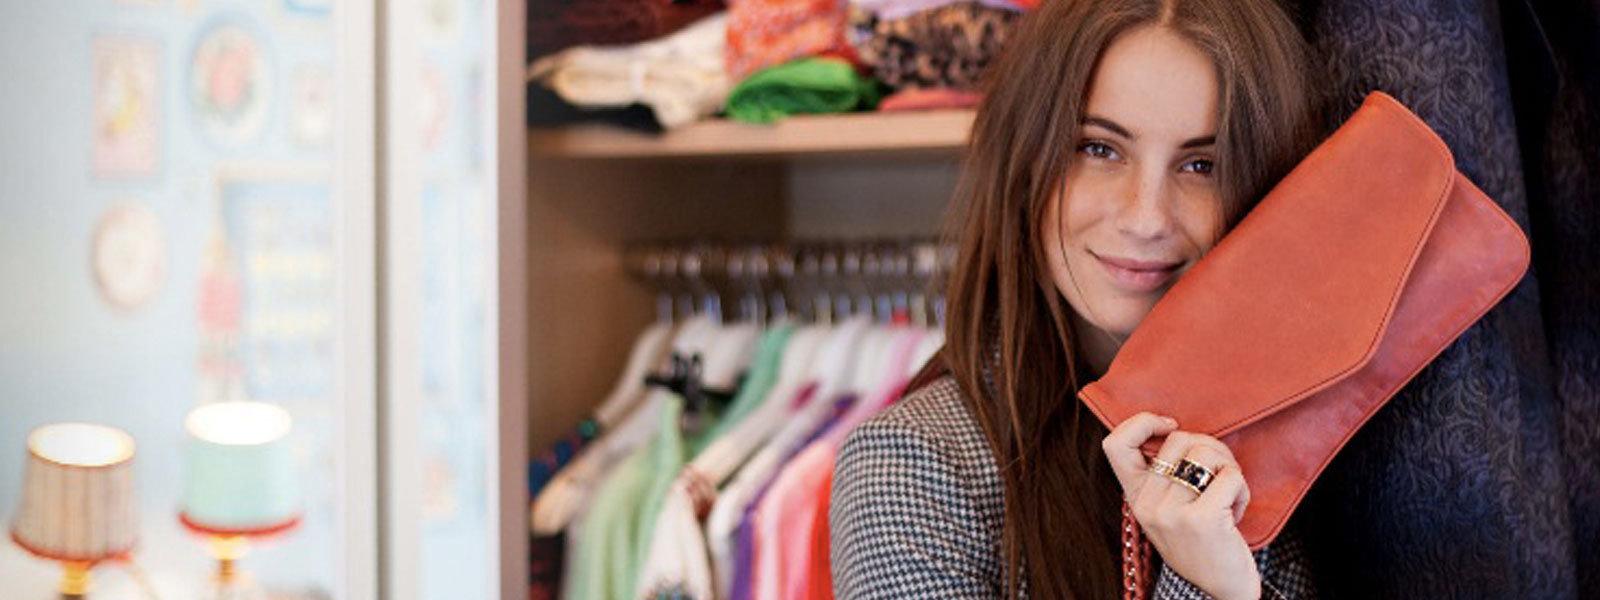 The next closet: met een geslaagde samenwerking naar een succesvol platform